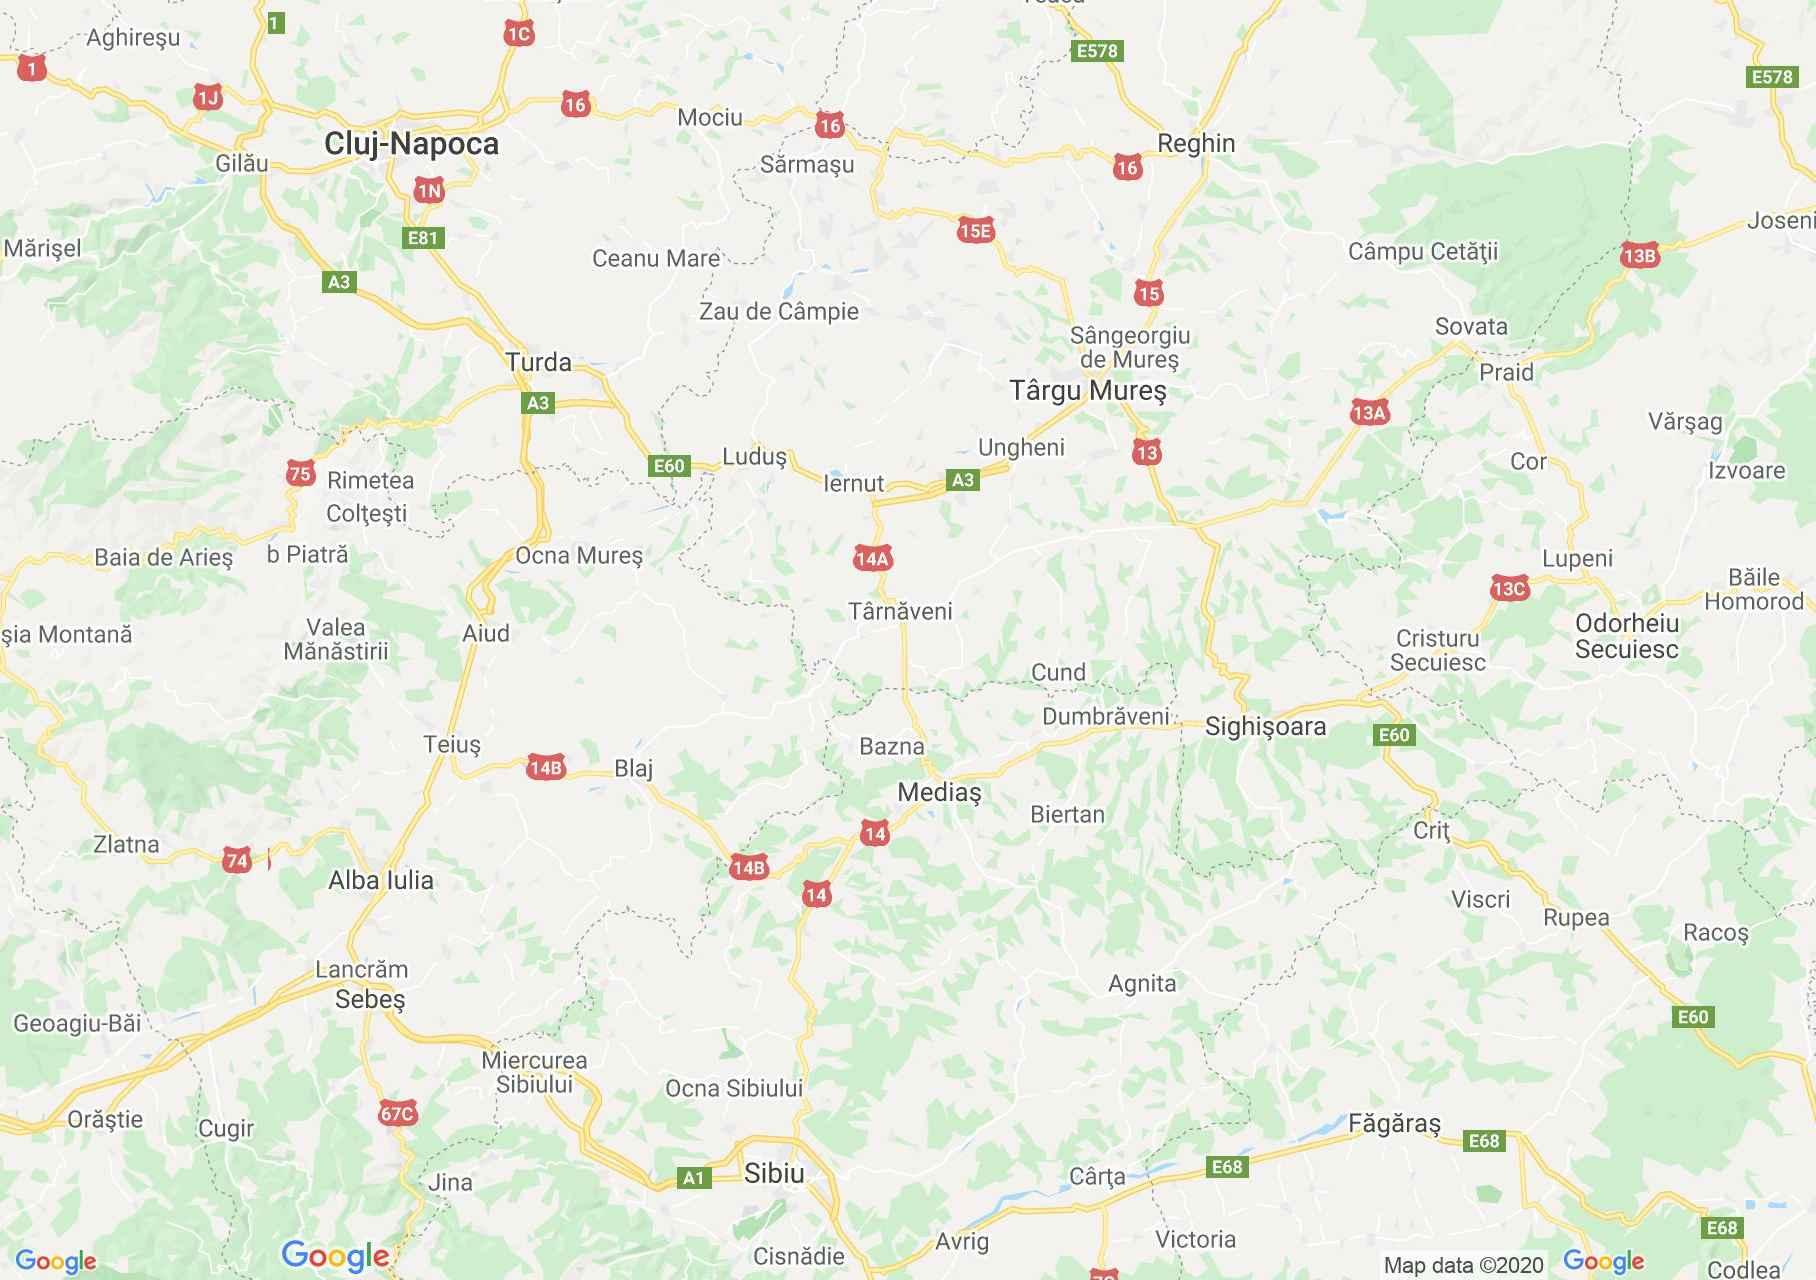 DN14a: Iernut-Mediaş, Harta turistică interactivă